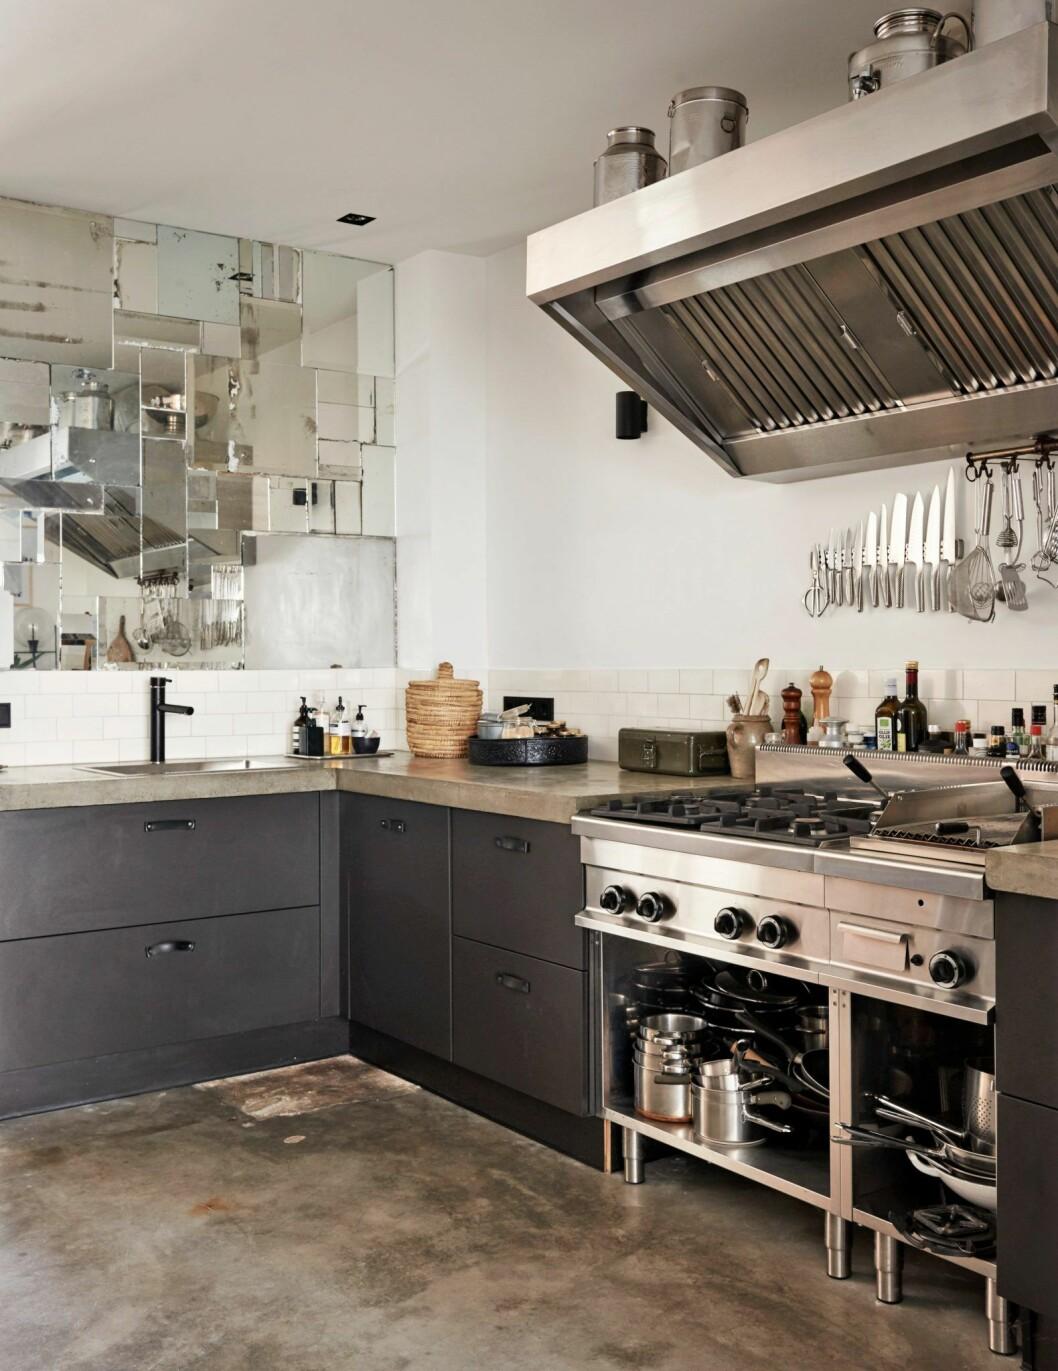 Kök med detaljer i svart och rostfritt stål i hemmet i Amsterdam.